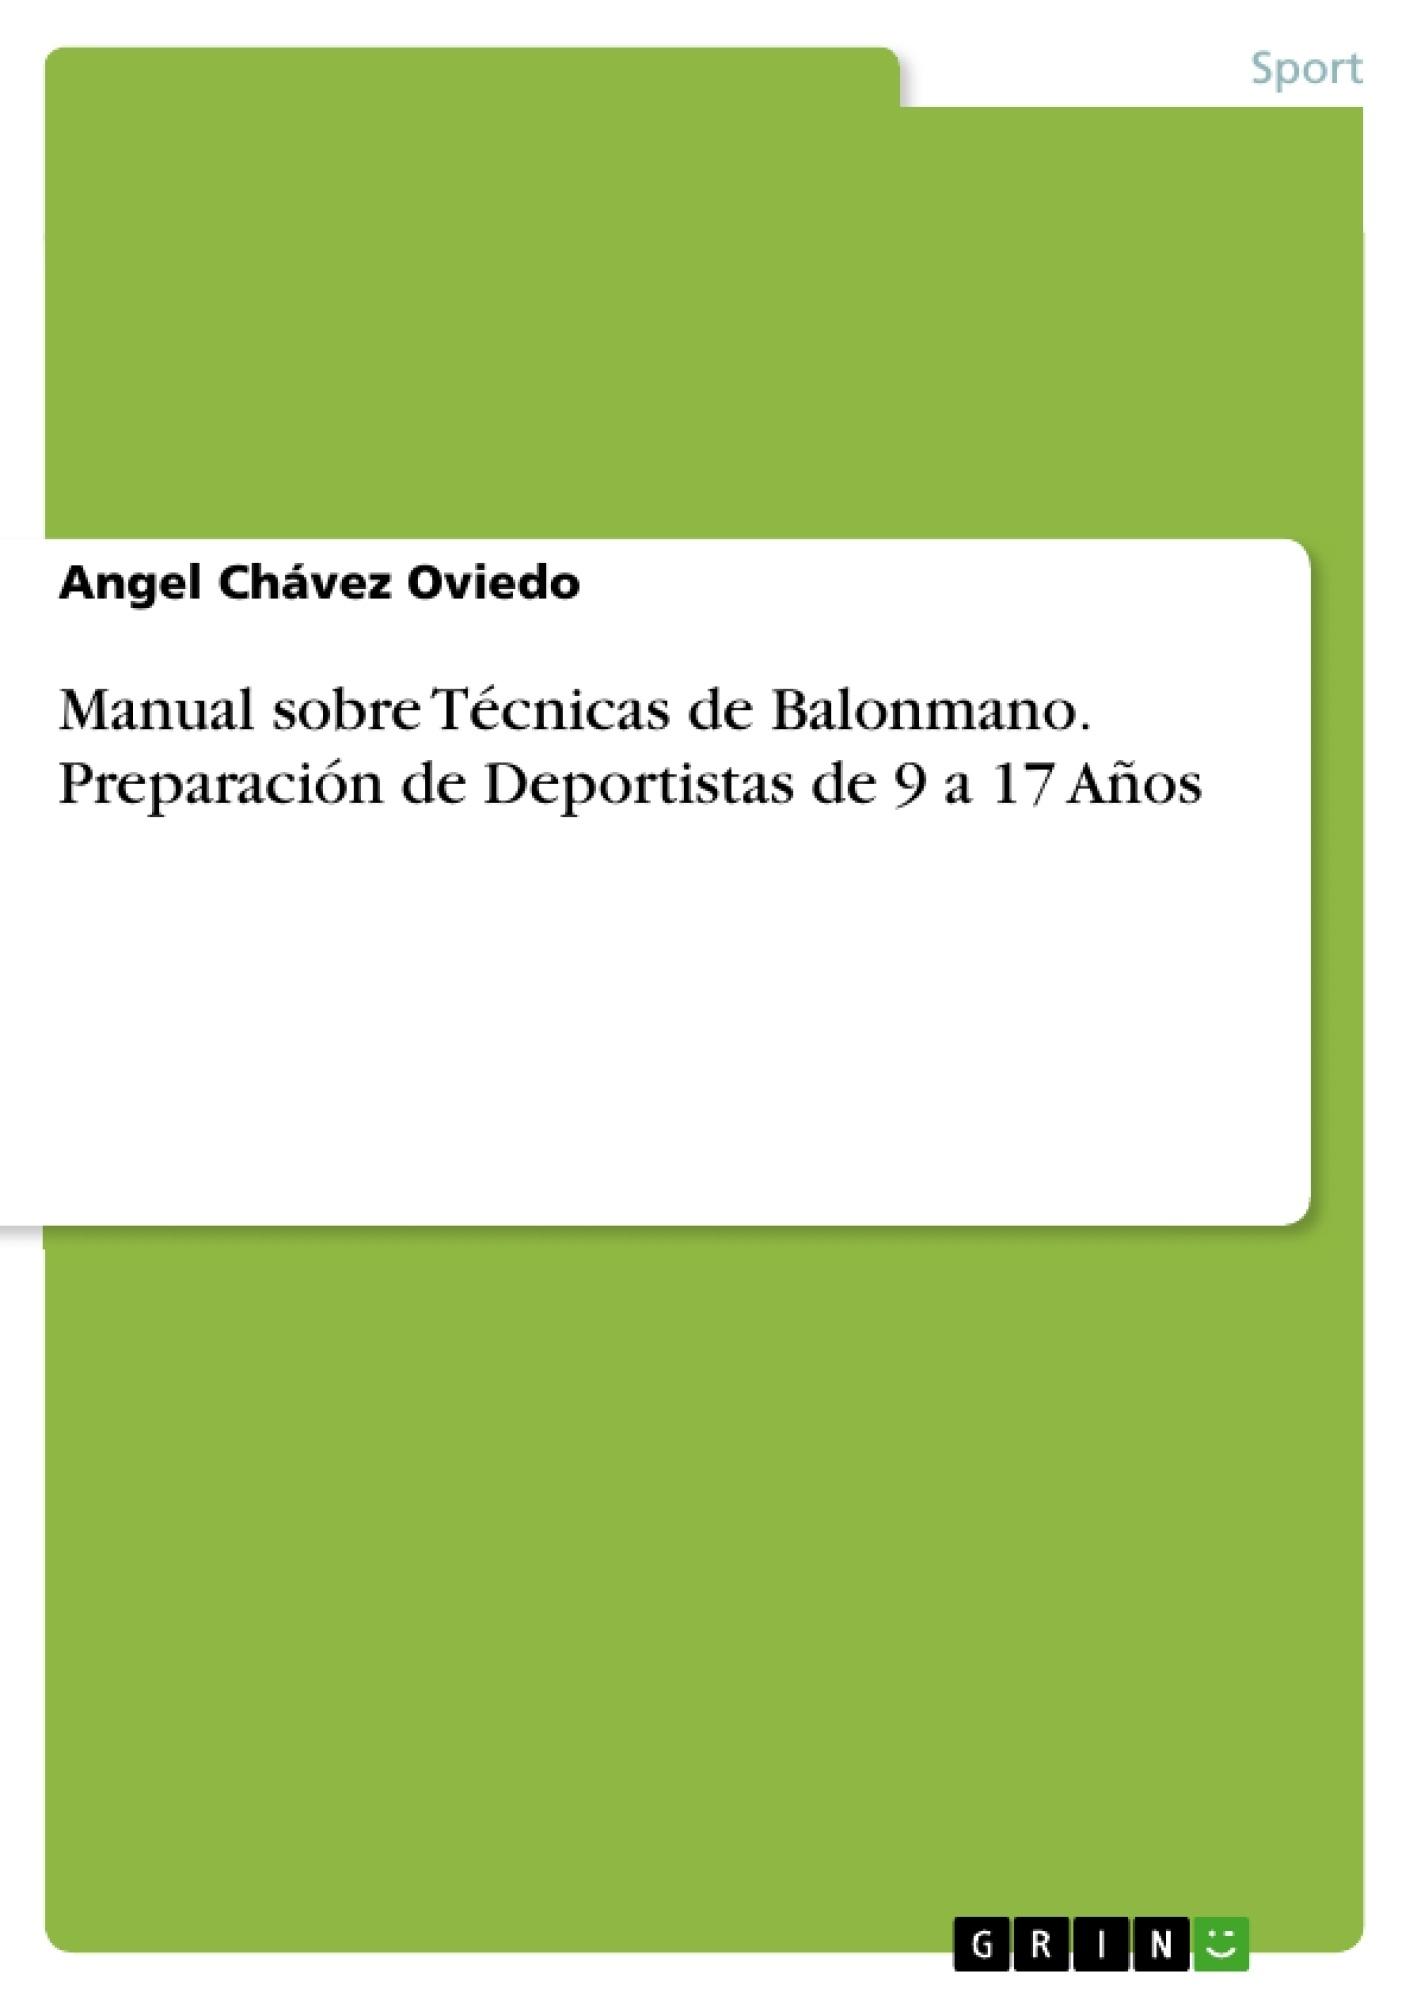 Título: Manual sobre Técnicas de Balonmano. Preparación de Deportistas de 9 a 17 Años